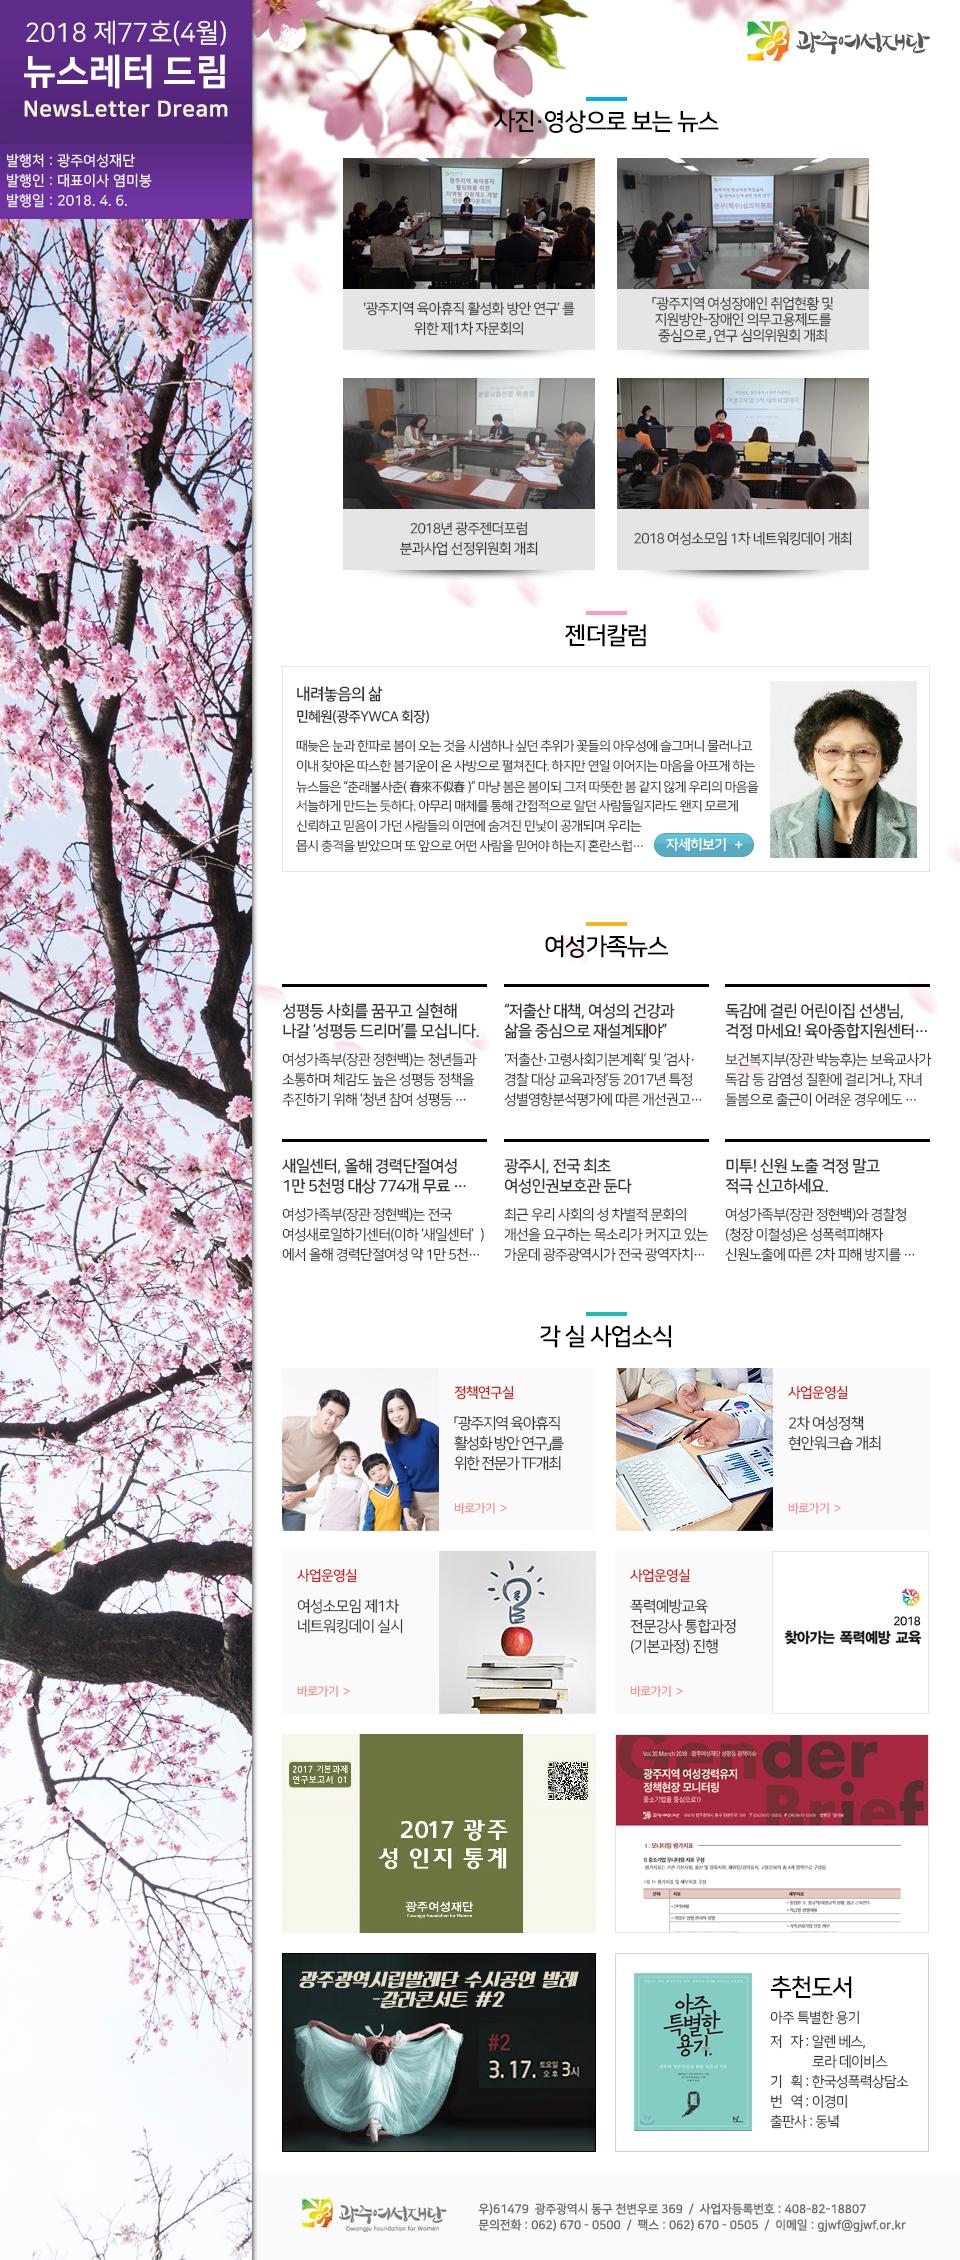 뉴스레터 드림 77호(18.04월)